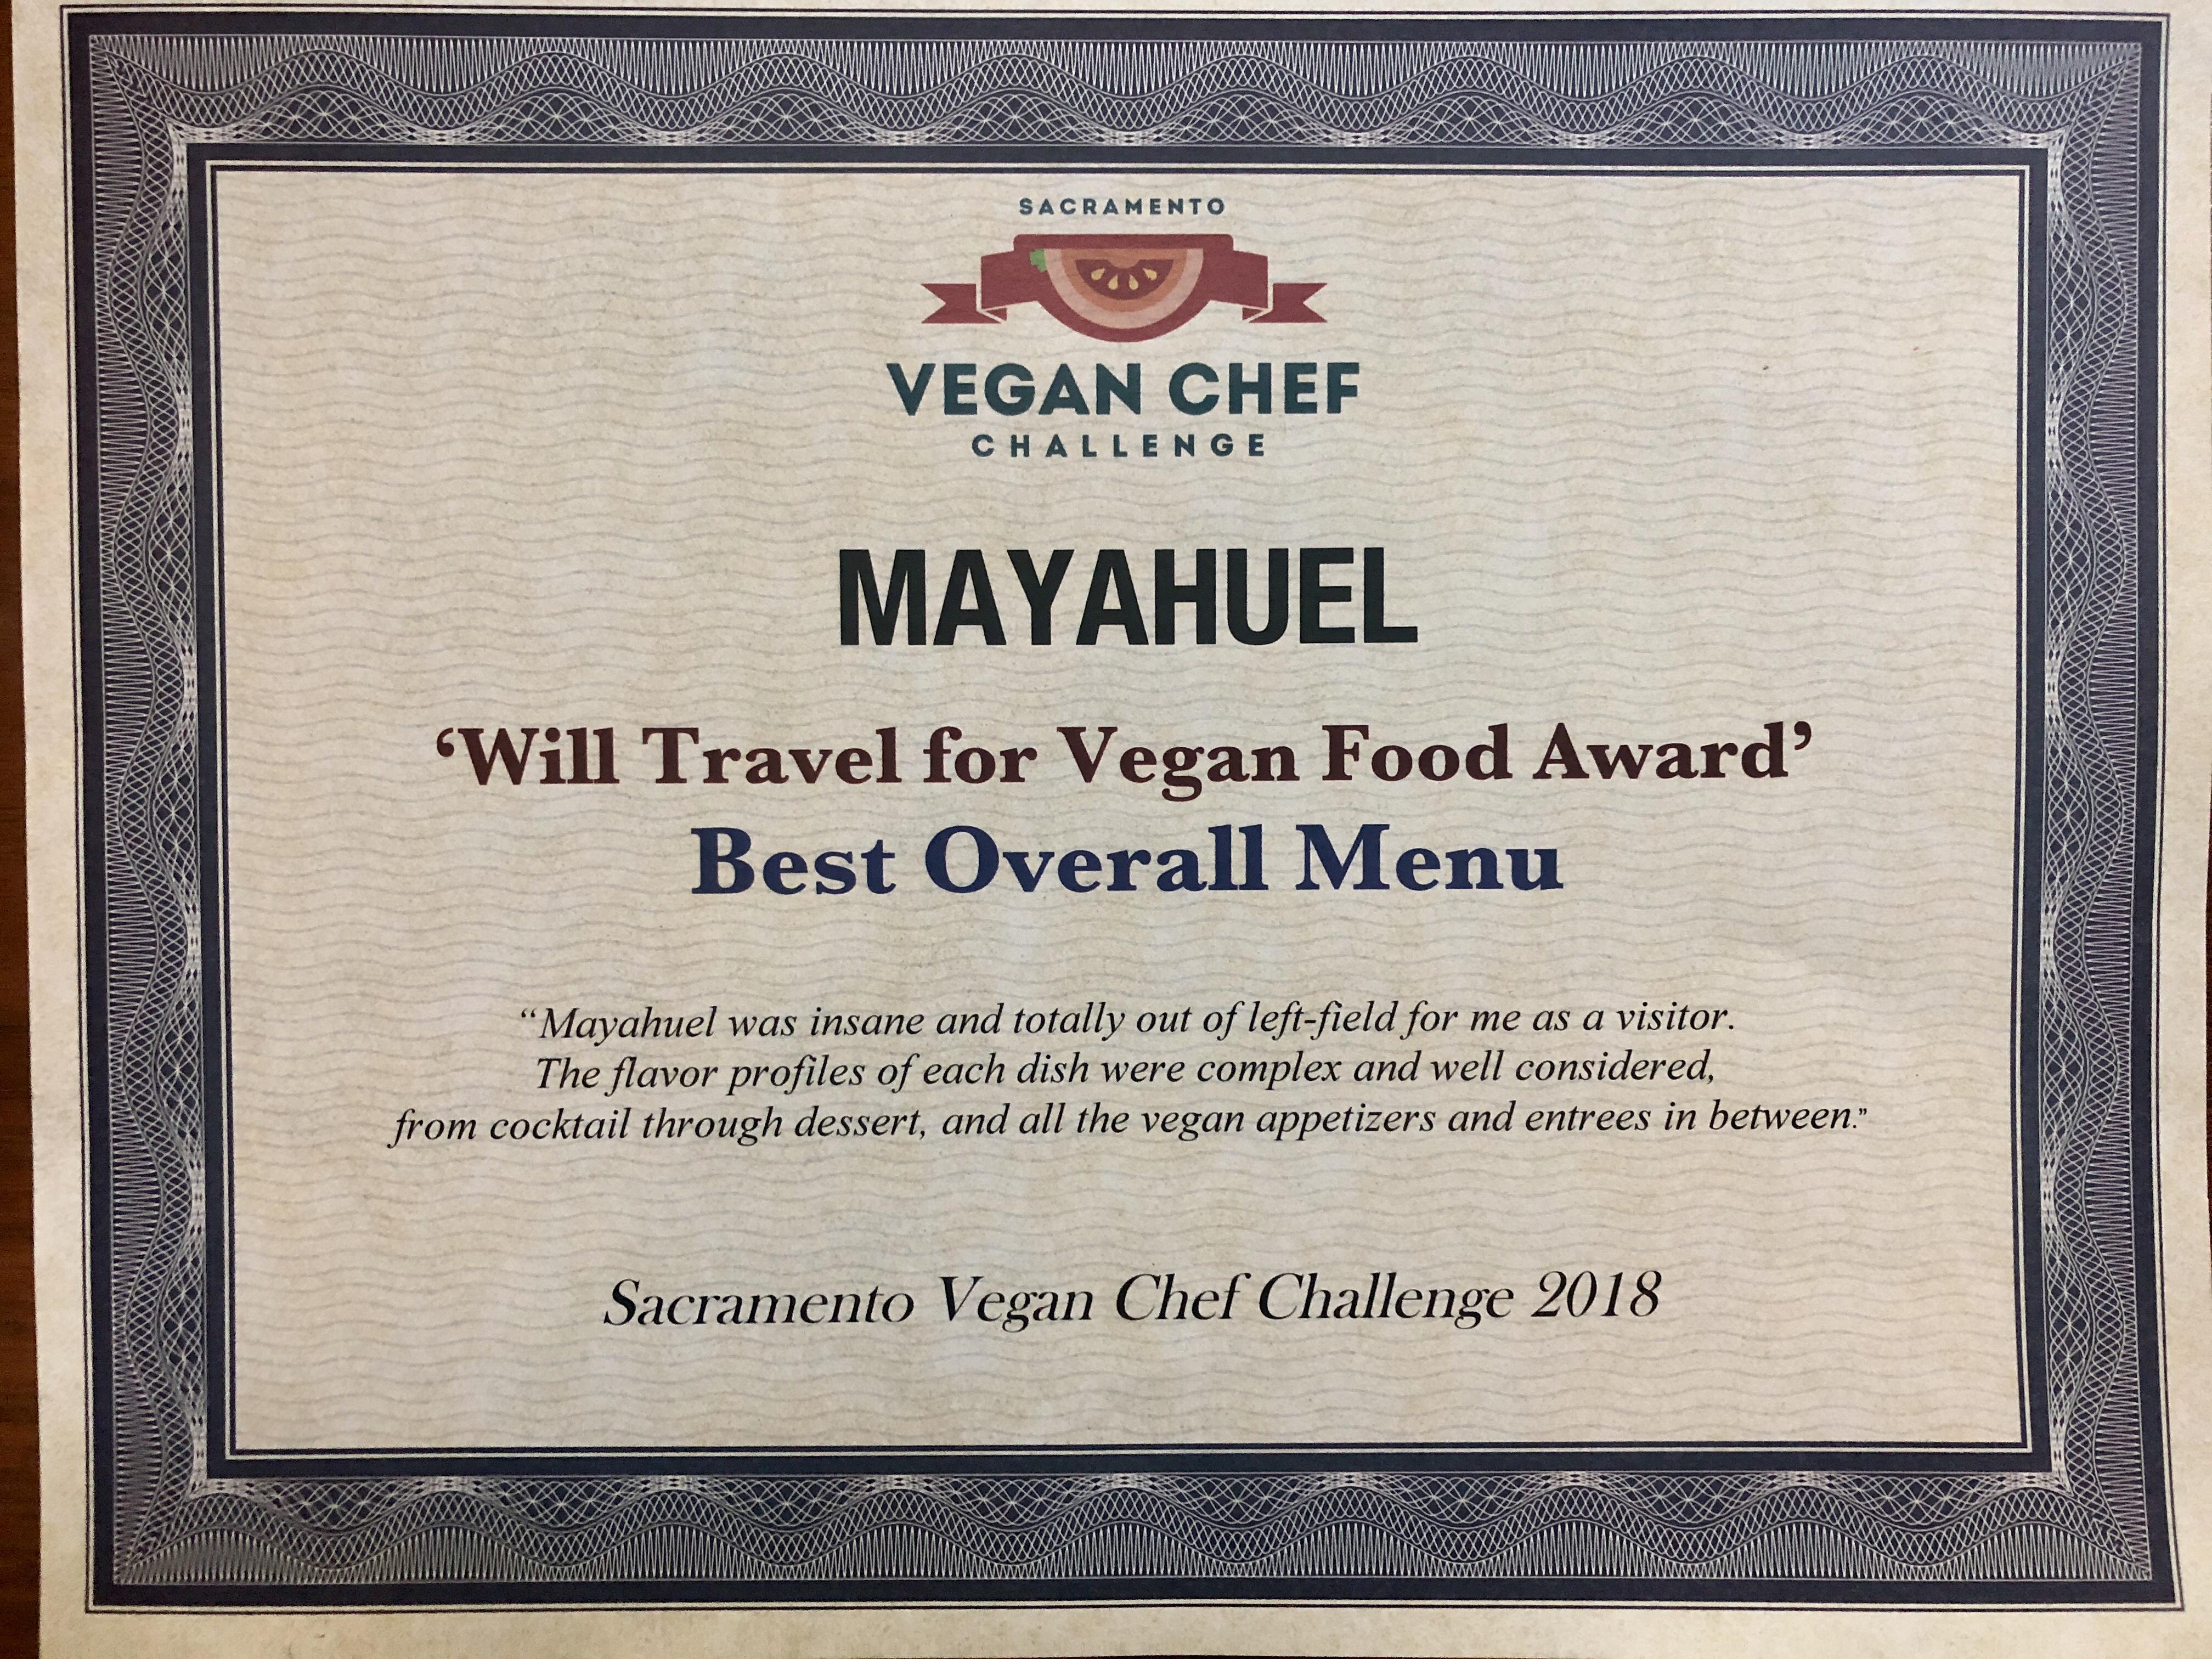 Mayahuel Vegn Menu Award